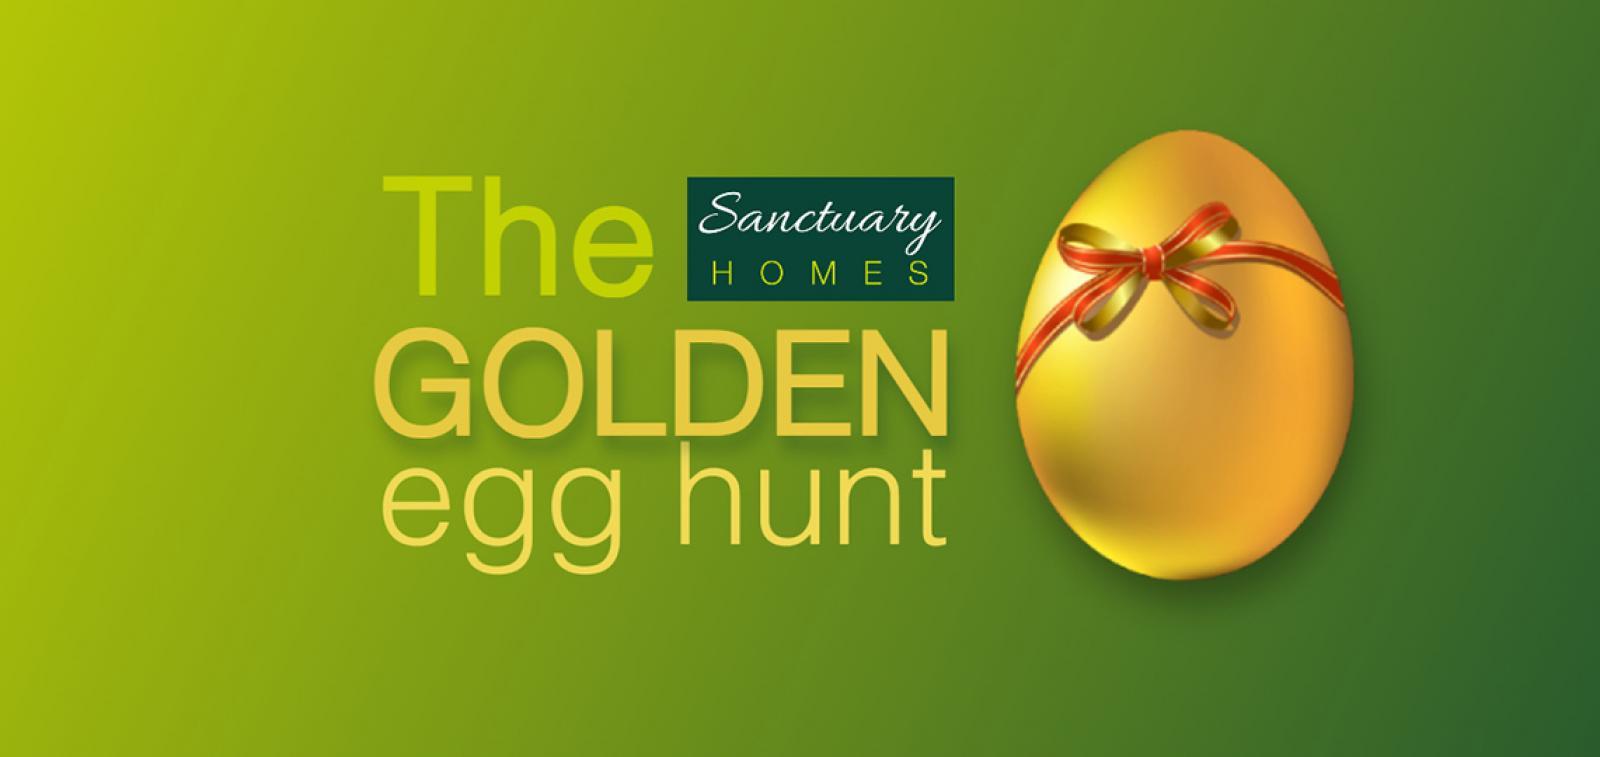 Sanctuary Homes The Golden Egg Hunt logo